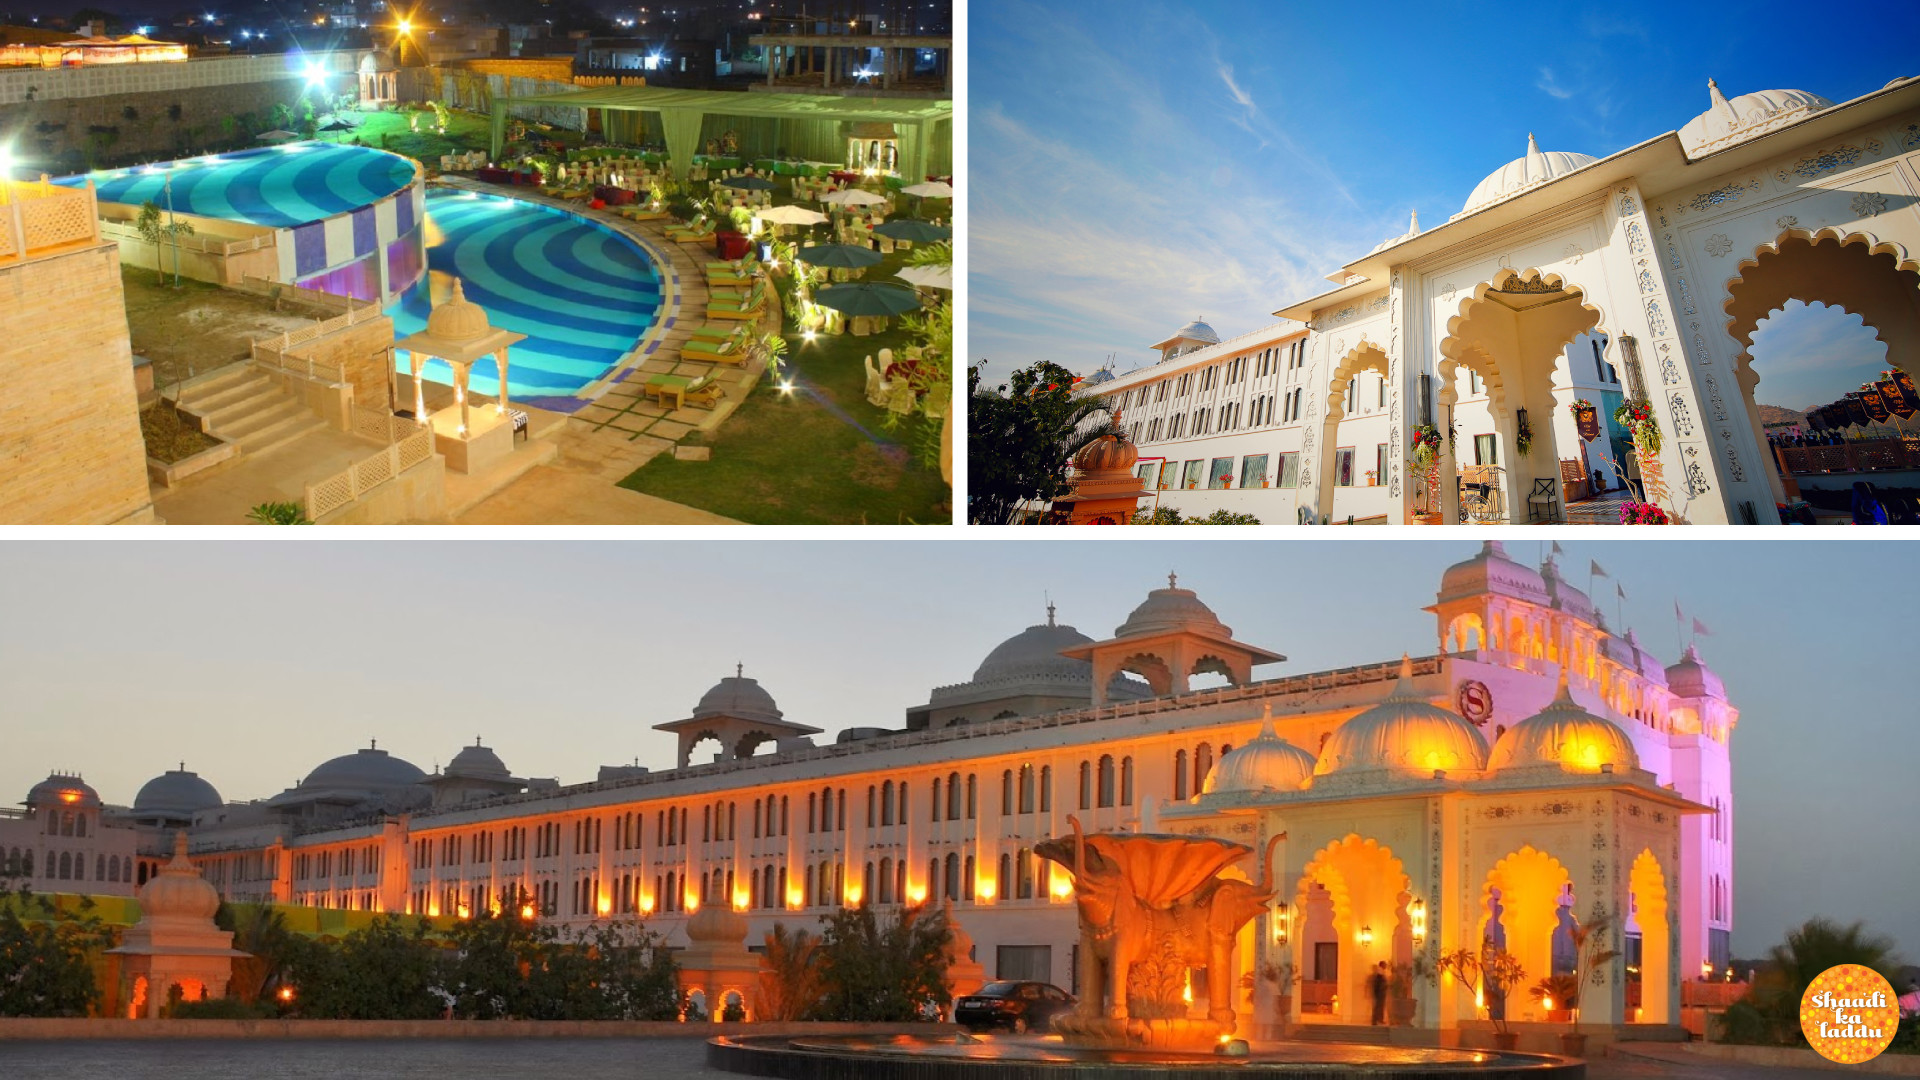 Radisson Blu Resort & Spa, Udaipur